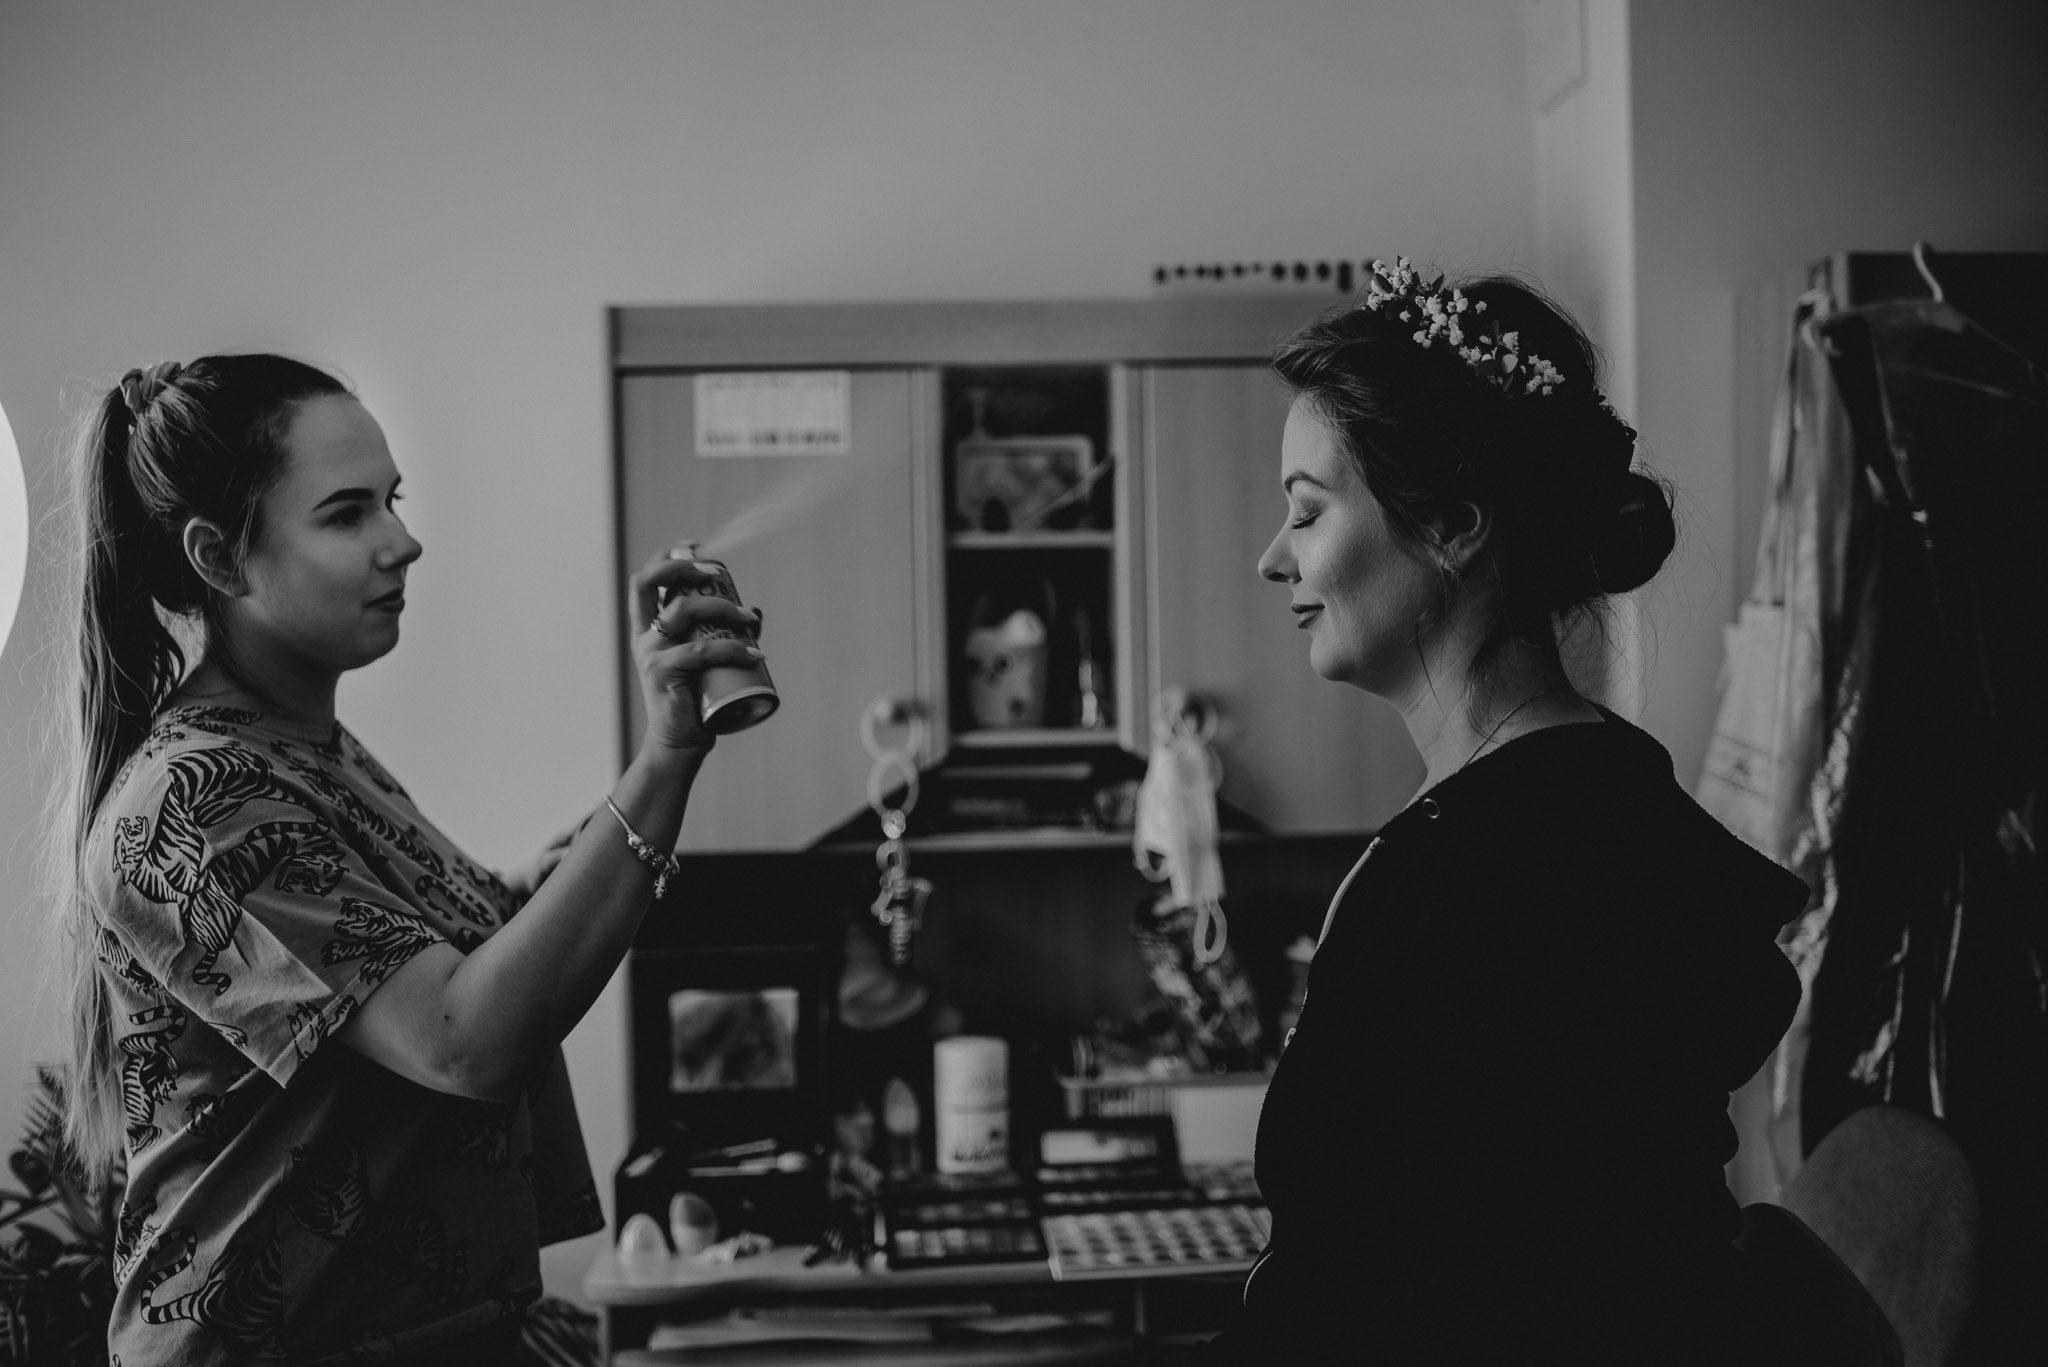 Makijażystka maluje pannę młodą - sesja ślubna reportaż Żuczki Inowrocław